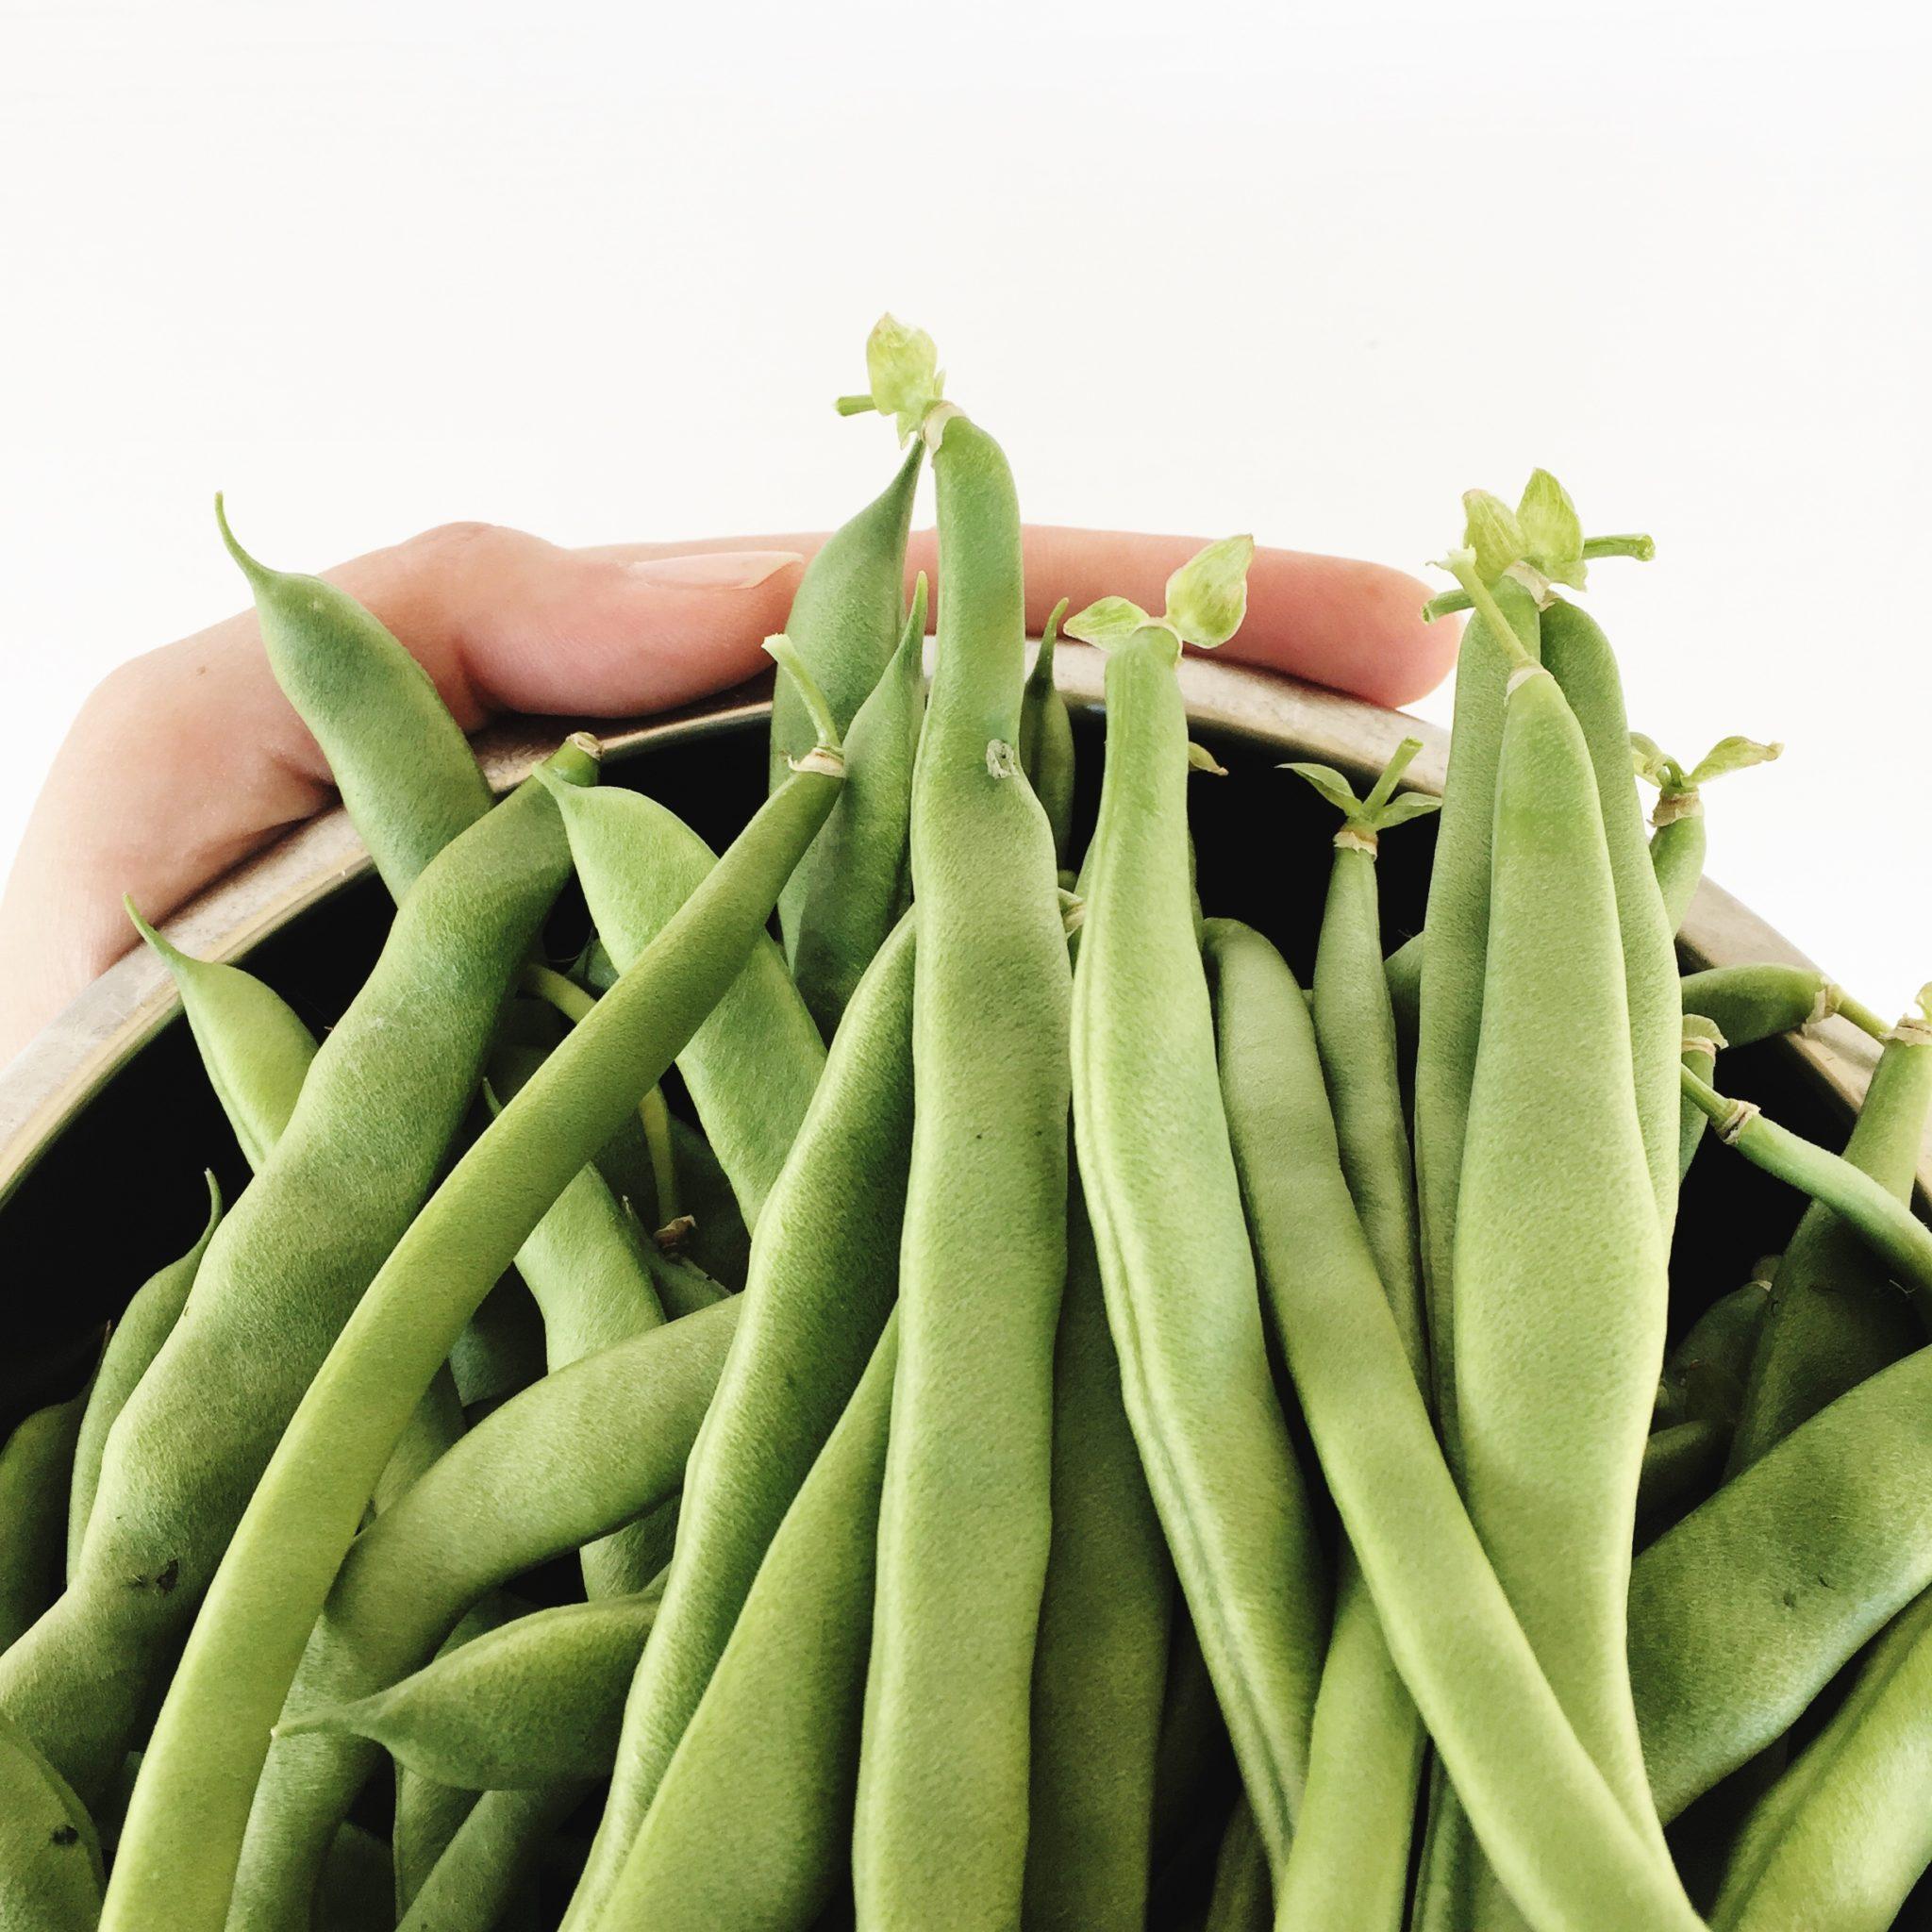 garden fresh green beans